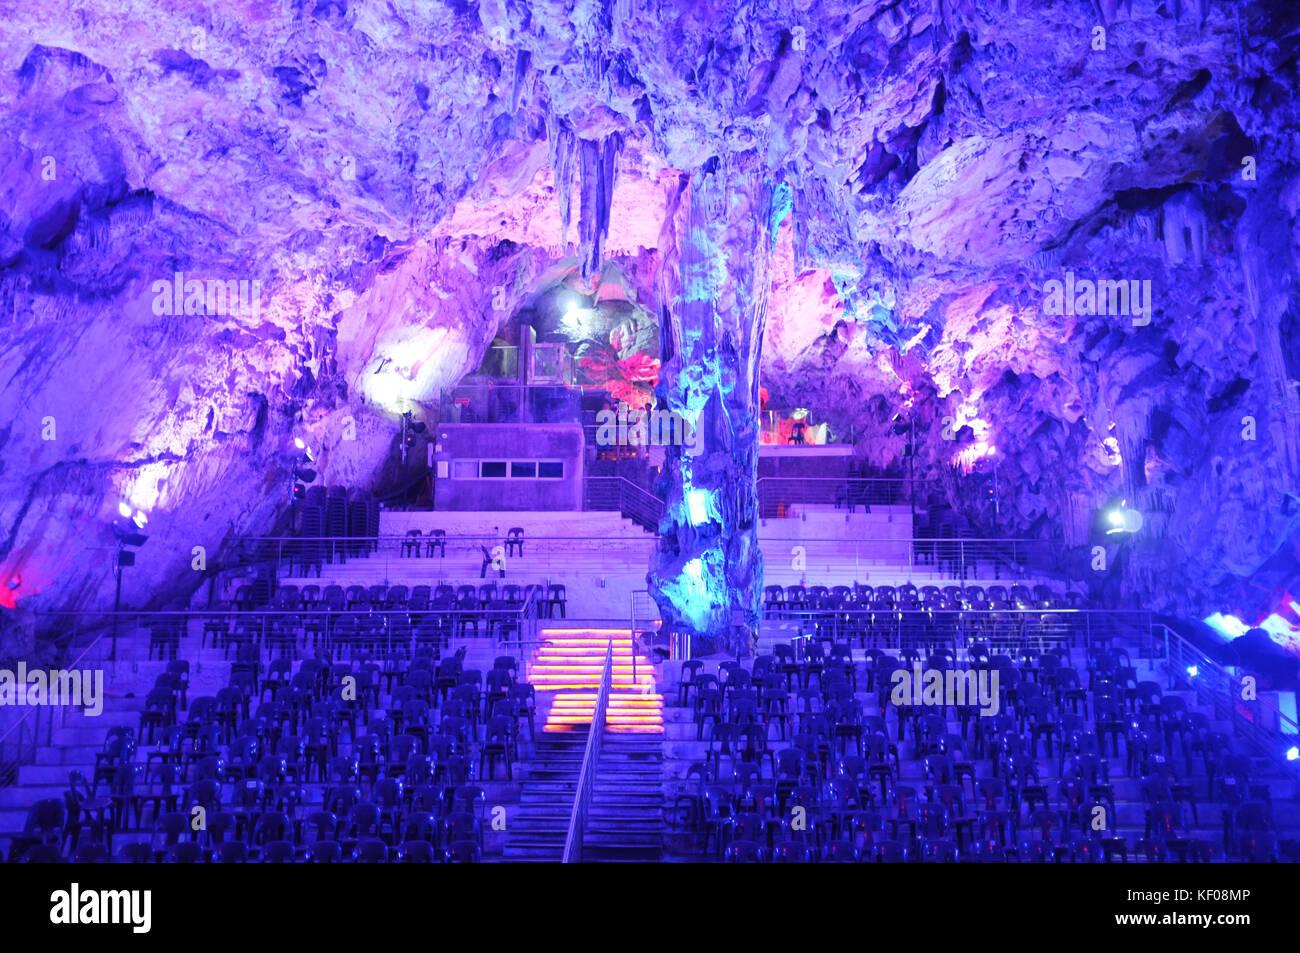 St. Michael's Cave, Gibraltar, September 2017 - Stock Image